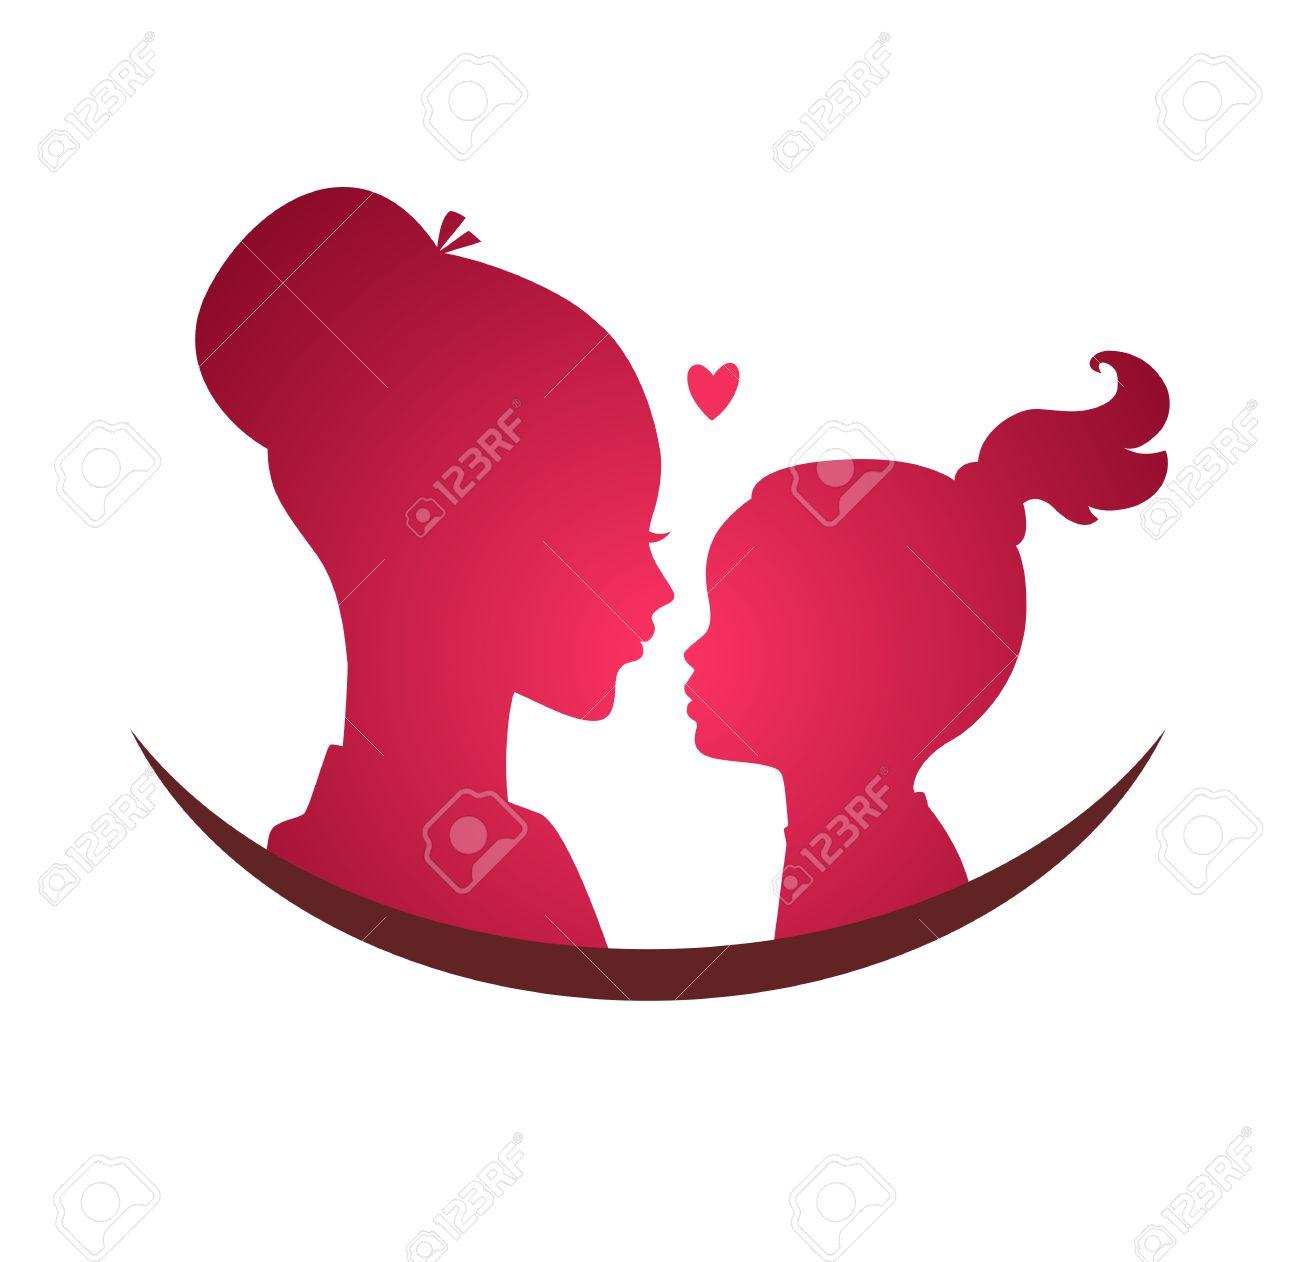 Ilustración Vectorial De La Mamá Y El Amor Hija Ilustraciones